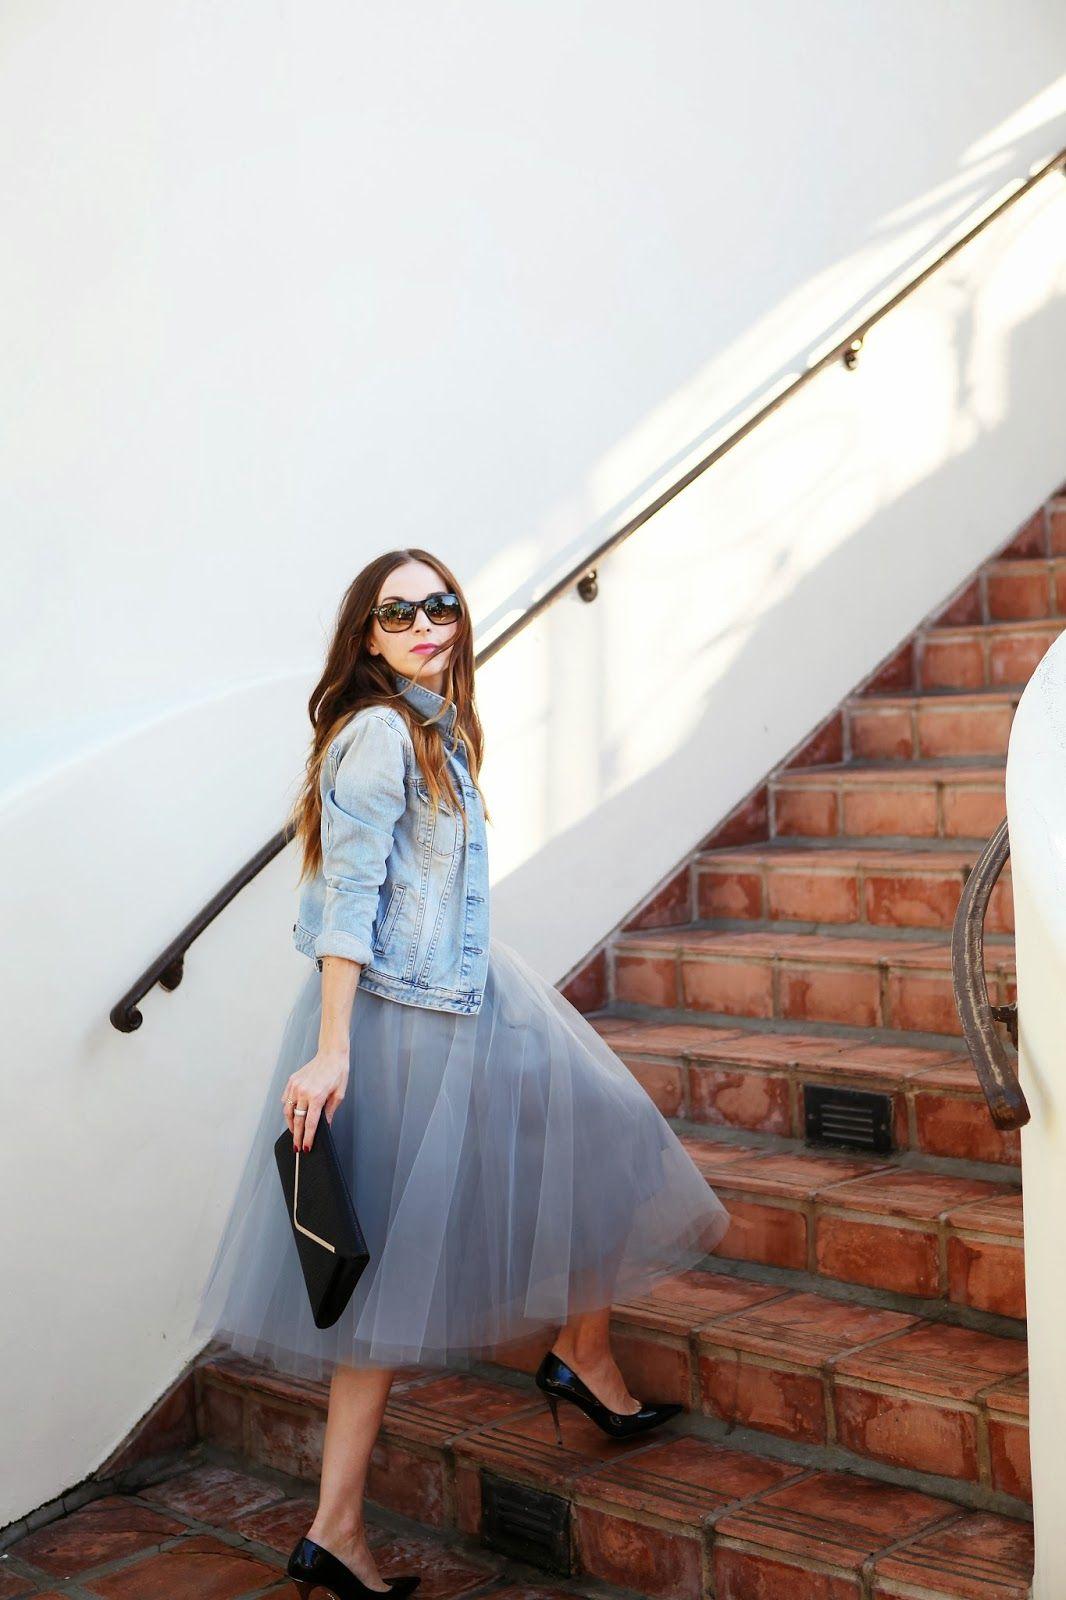 Merricks Art How To Style A Tulle Skirt Tulle Skirts Outfit Tulle Skirt Black Tulle Skirt [ 1600 x 1066 Pixel ]